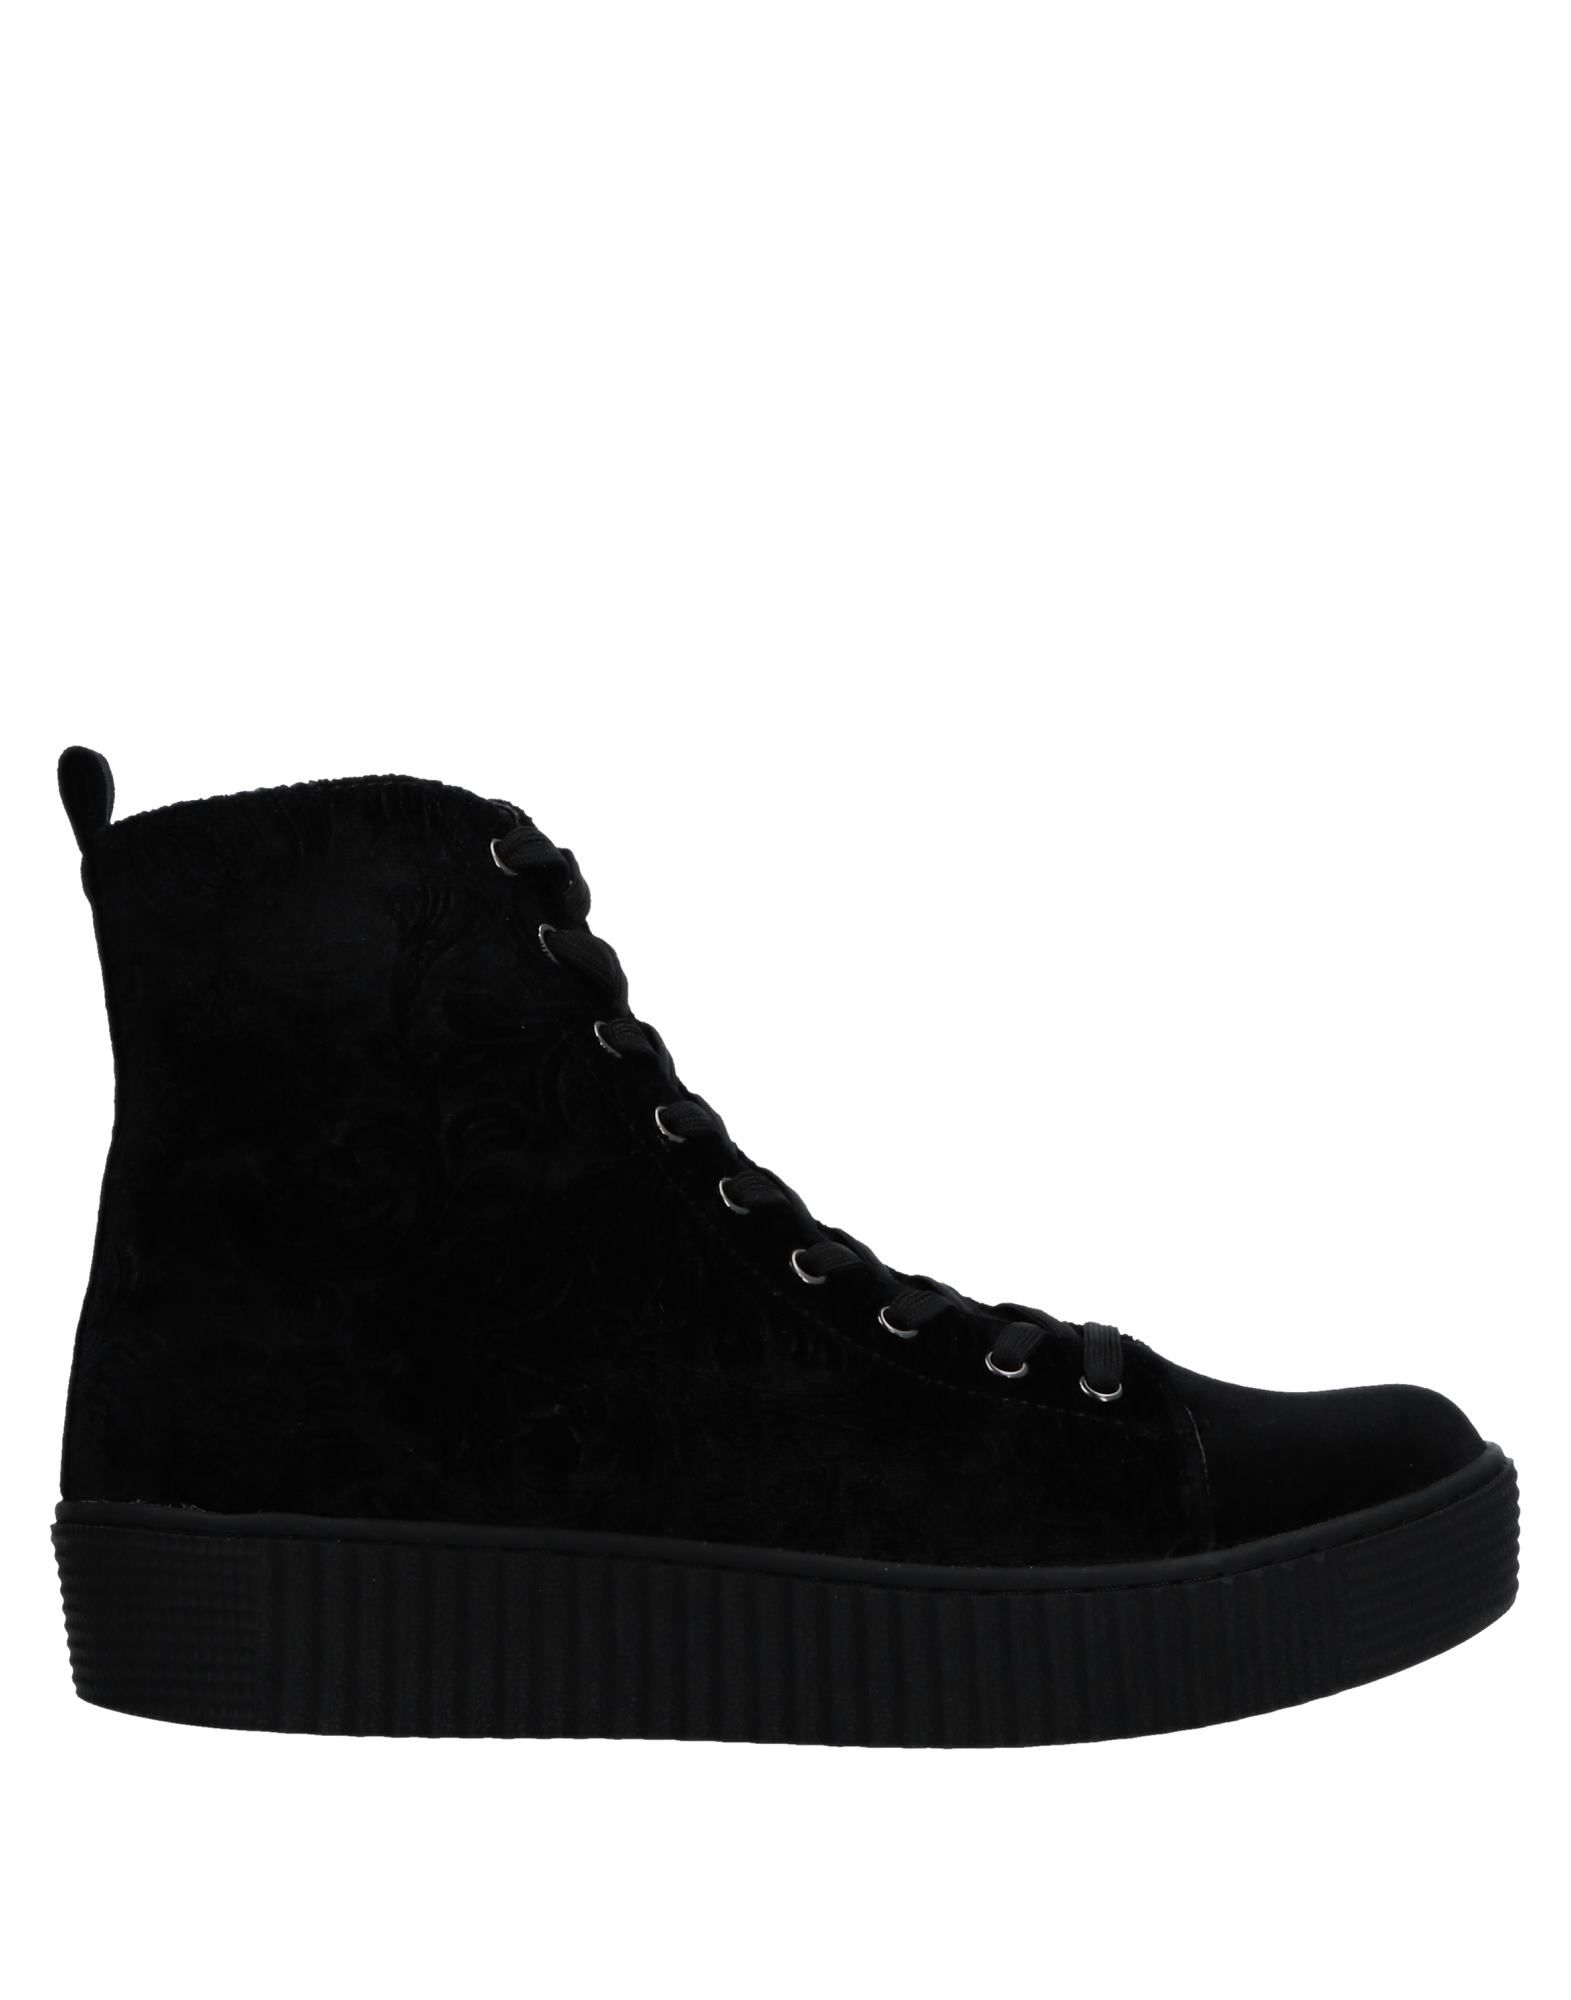 ONAKO' Высокие кеды и кроссовки sneakers onako кроссовки с амортизацией